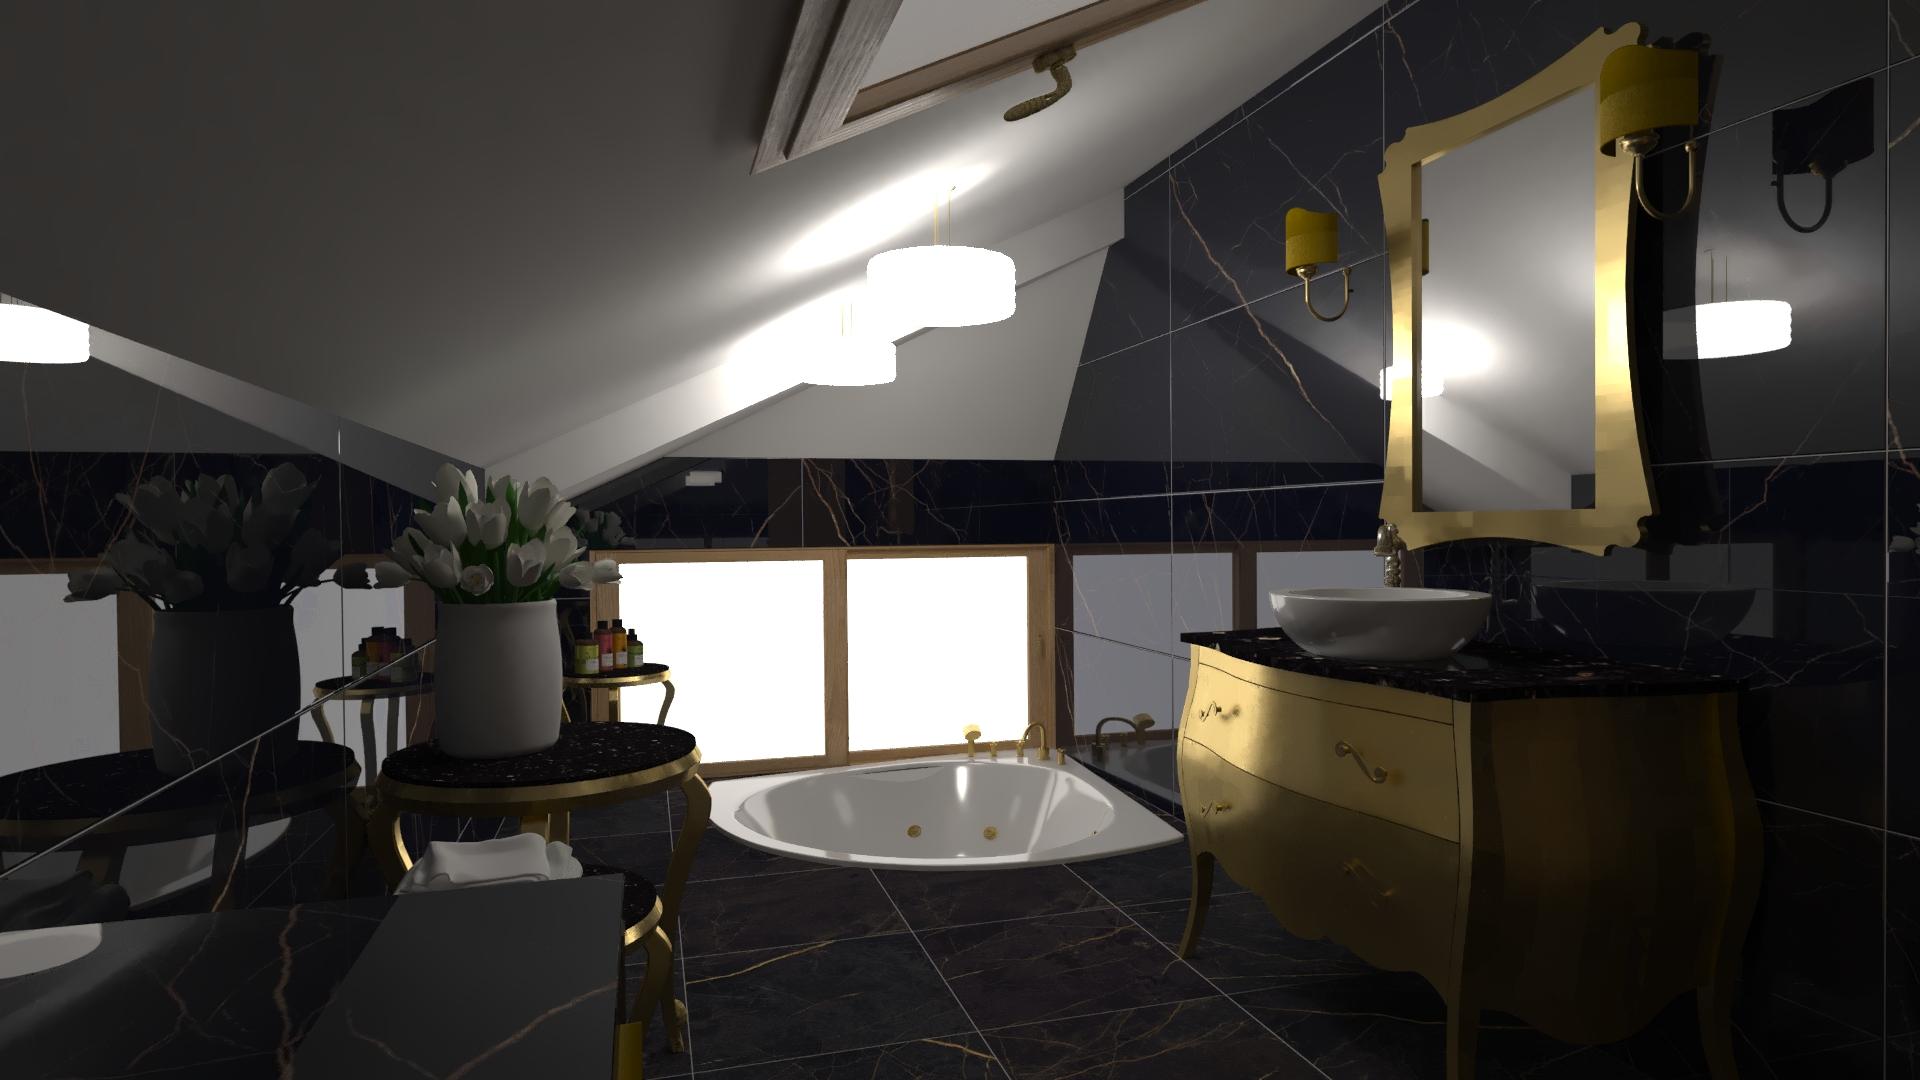 interioren-dizajn-za-bania-mramorni-plochki-zlato-1